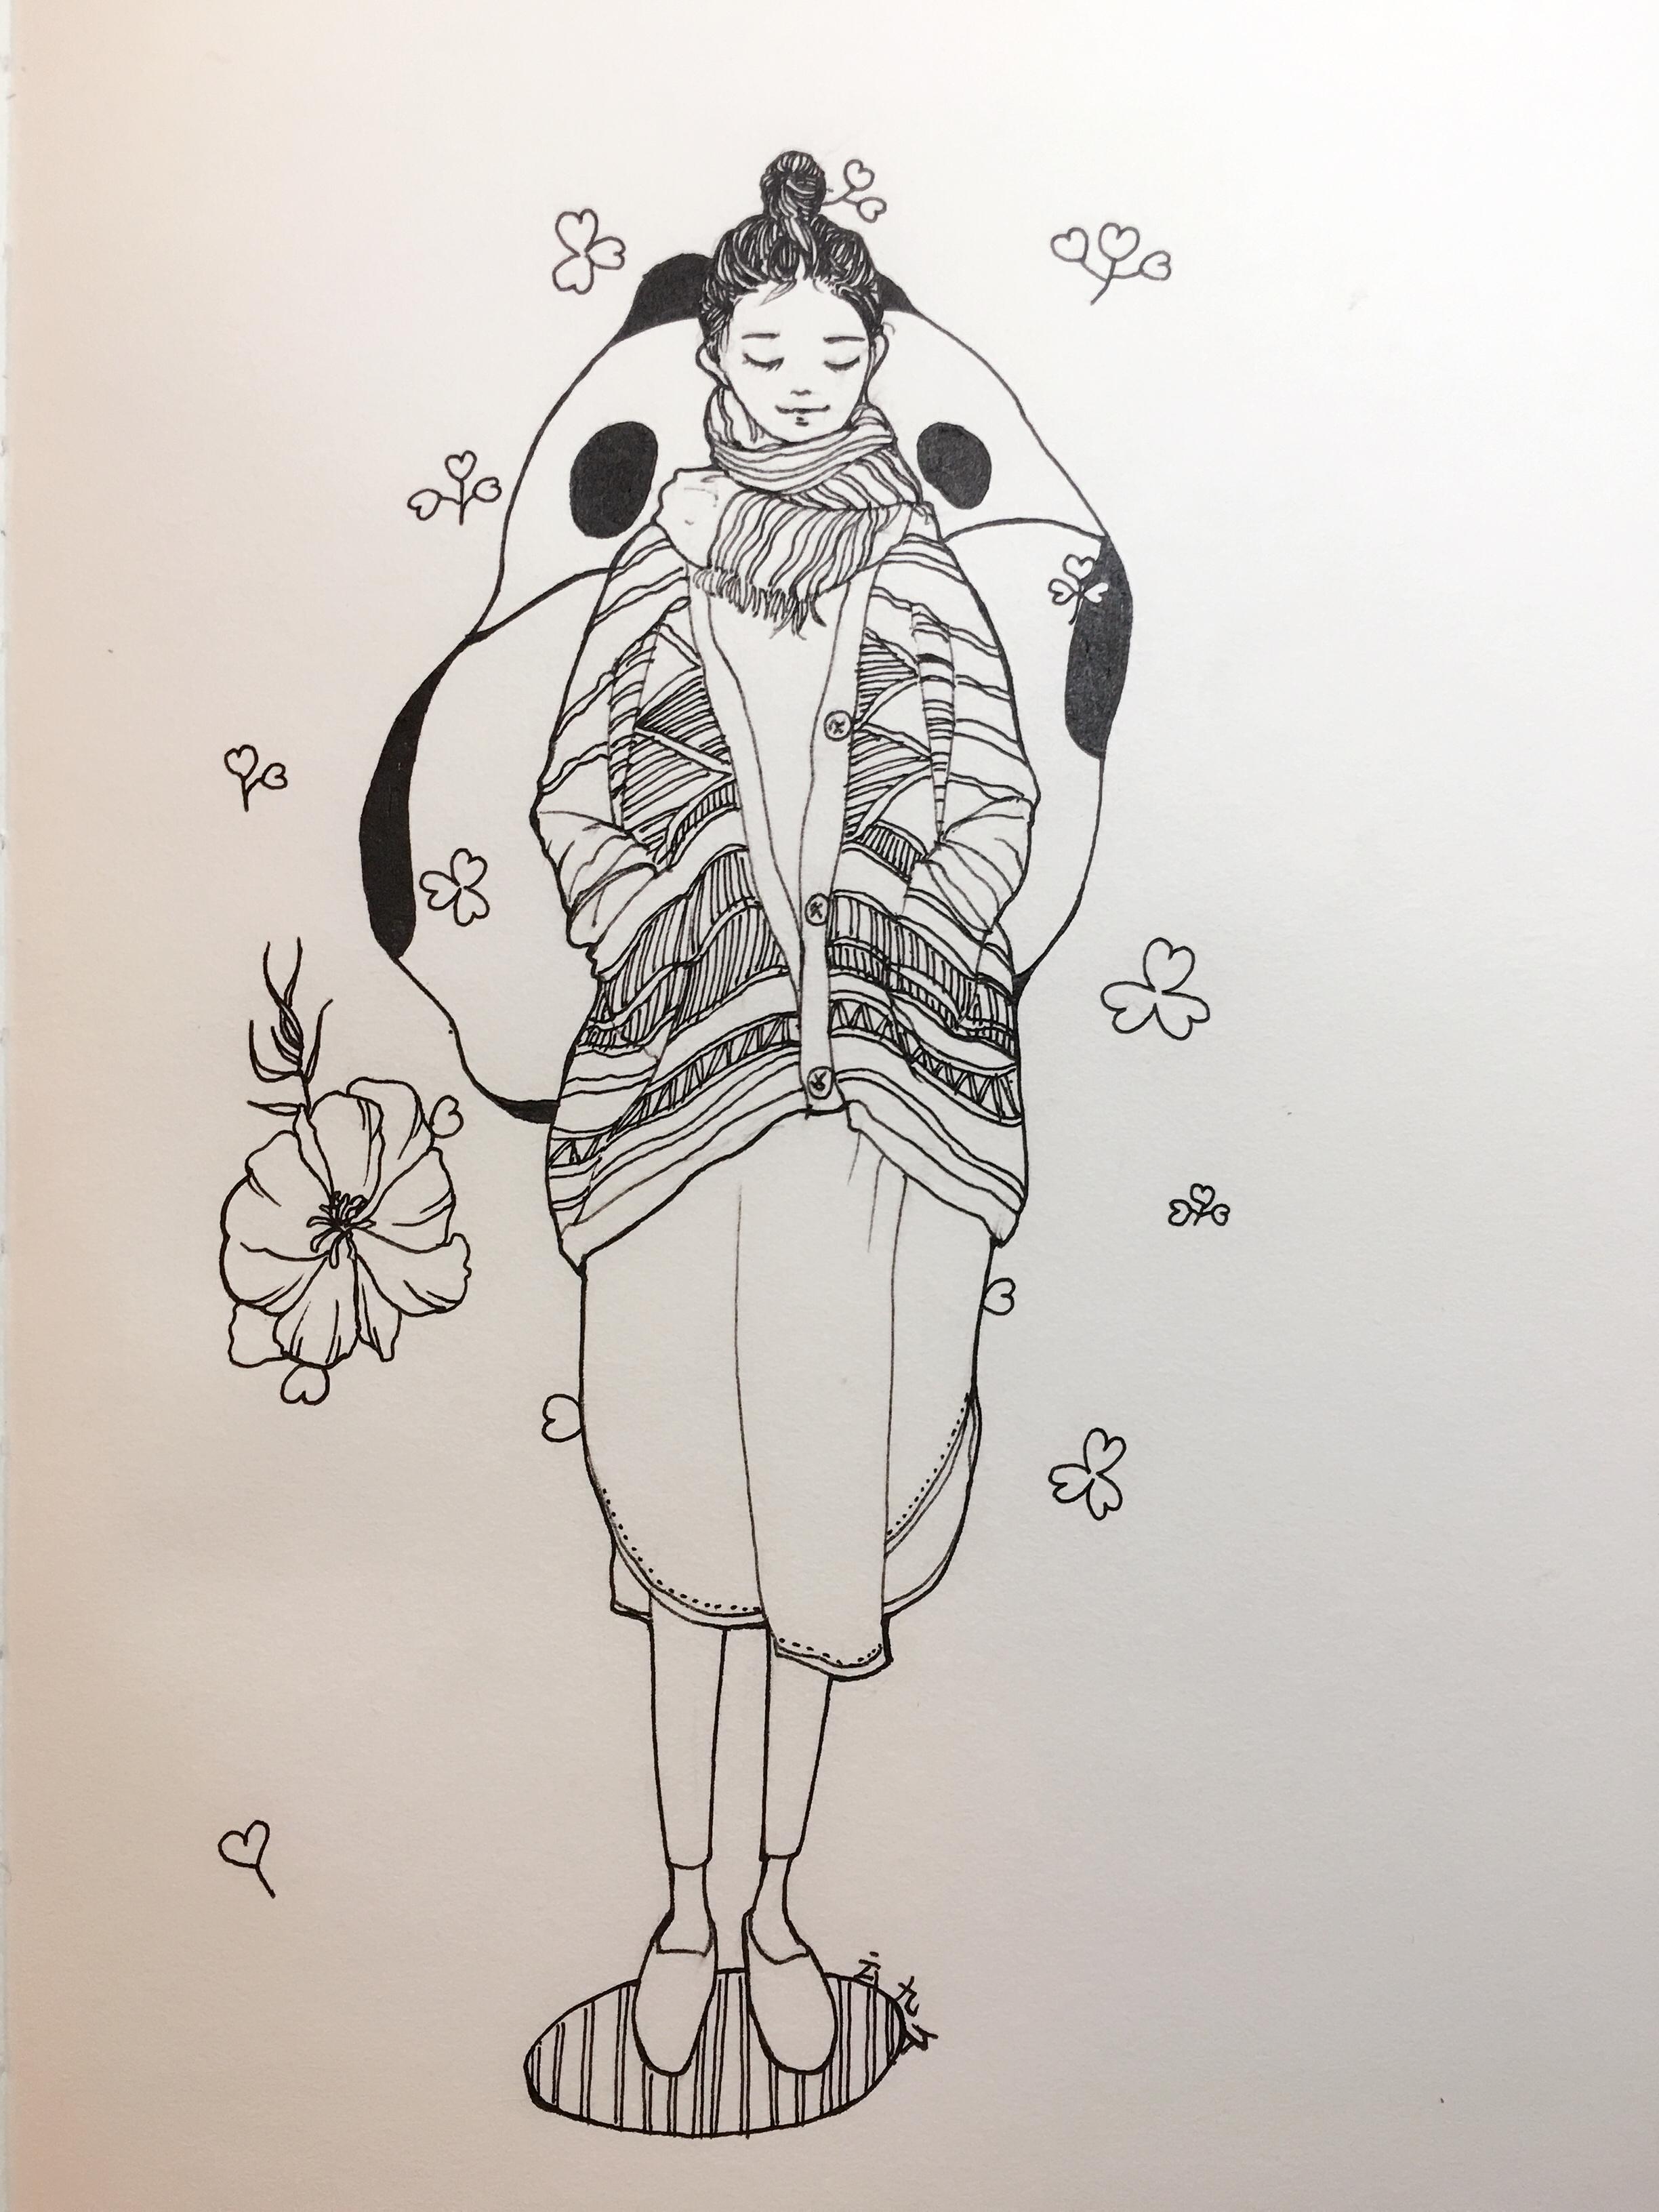 人物画|插画|插画习作|云艺 - 原创作品 - 站酷